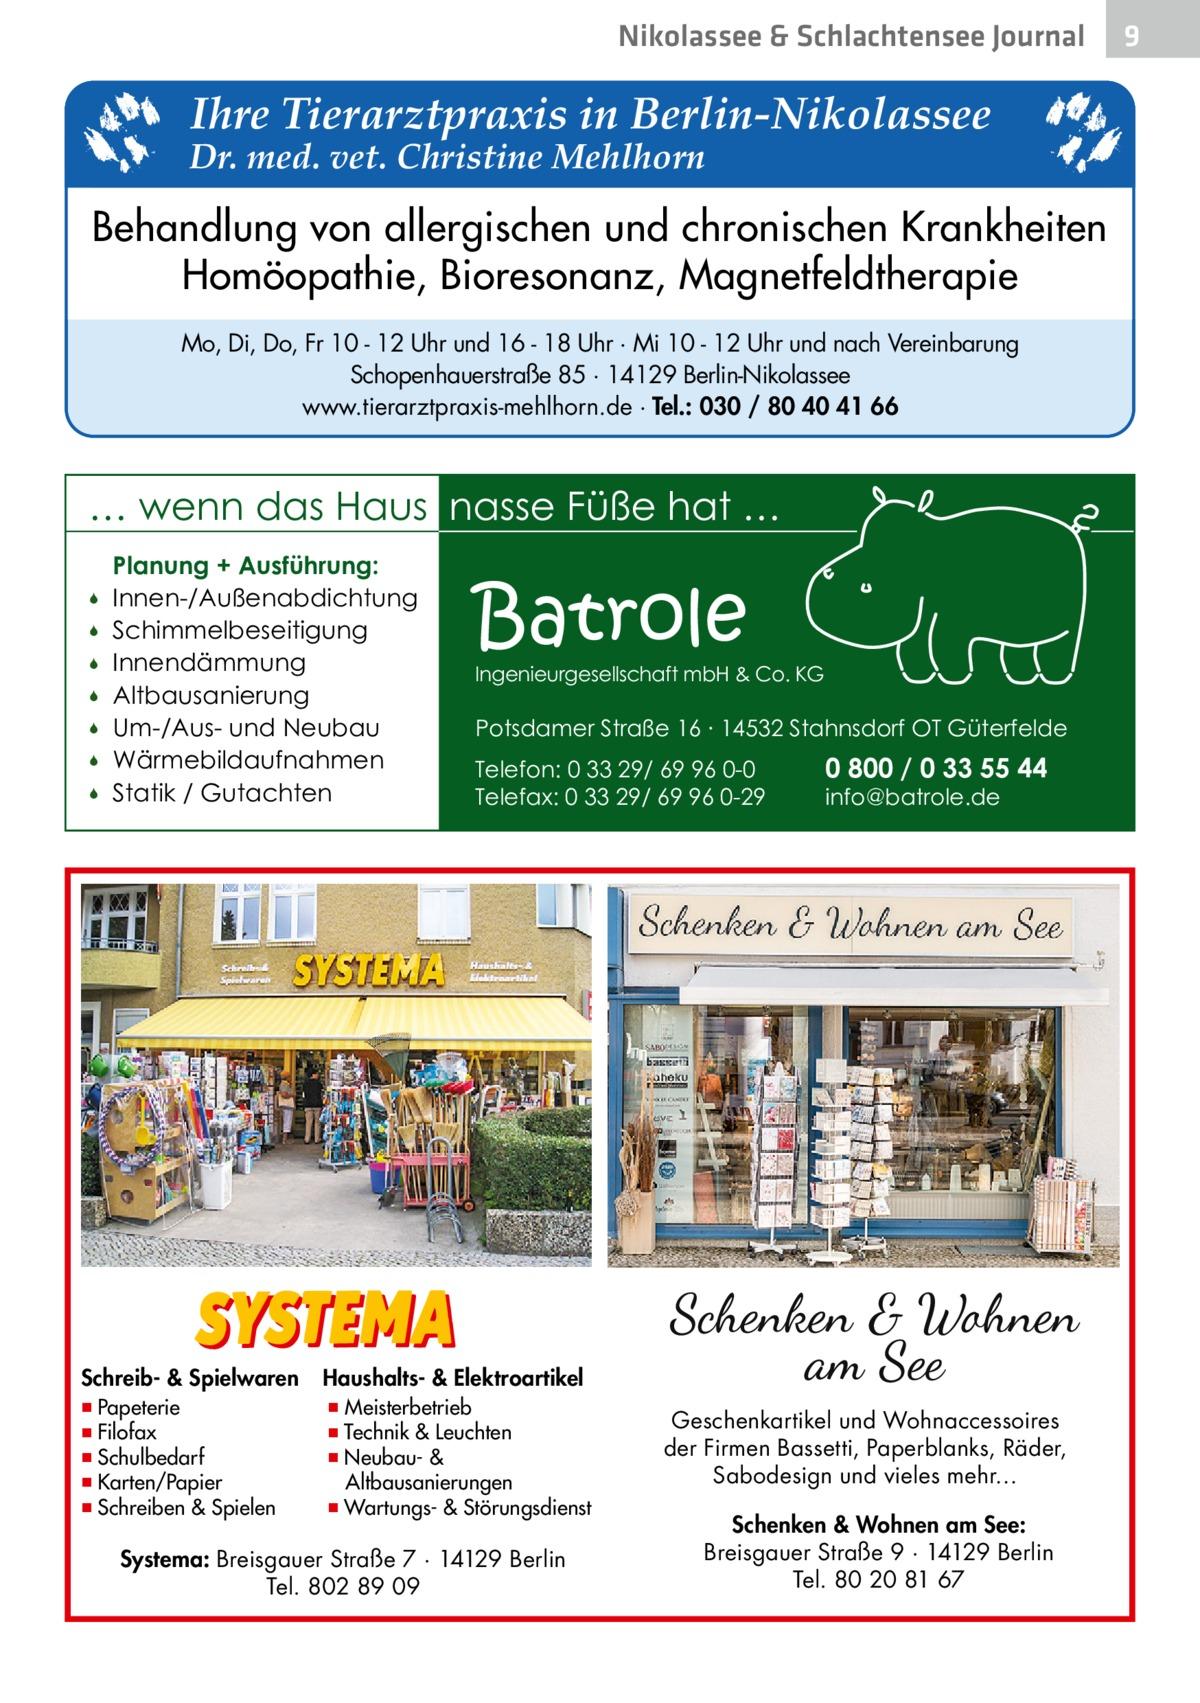 Nikolassee & Schlachtensee Journal  Ihre Tierarztpraxis in Berlin-Nikolassee  Dr. med. vet. Christine Mehlhorn  Behandlung von allergischen und chronischen Krankheiten Homöopathie, Bioresonanz, Magnetfeldtherapie Mo, Di, Do, Fr 10 - 12 Uhr und 16 - 18 Uhr · Mi 10 - 12 Uhr und nach Vereinbarung Schopenhauerstraße 85 · 14129 Berlin-Nikolassee www.tierarztpraxis-mehlhorn.de · Tel.: 030 / 80 40 41 66  … wenn das Haus nasse Füße hat …         Planung + Ausführung: Innen-/Außenabdichtung Schimmelbeseitigung Innendämmung Altbausanierung Um-/Aus- und Neubau Wärmebildaufnahmen Statik / Gutachten  Schreib- & Spielwaren  ▪ Papeterie ▪ Filofax ▪ Schulbedarf ▪ Karten/Papier ▪ Schreiben & Spielen  Batrole  Ingenieurgesellschaft mbH & Co. KG  Potsdamer Straße 16 ∙ 14532 Stahnsdorf OT Güterfelde Telefon: 0 33 29/ 69 96 0-0 Telefax: 0 33 29/ 69 96 0-29  0 800 / 0 33 55 44 info@batrole.de  Haushalts- & Elektroartikel  ▪ Meisterbetrieb ▪ Technik & Leuchten ▪ Neubau- & Altbausanierungen ▪ Wartungs- & Störungsdienst  Systema: Breisgauer Straße 7 · 14129 Berlin Tel. 802 89 09  Geschenkartikel und Wohnaccessoires der Firmen Bassetti, Paperblanks, Räder, Sabodesign und vieles mehr… Schenken & Wohnen am See: Breisgauer Straße 9 · 14129 Berlin Tel. 80 20 81 67  9